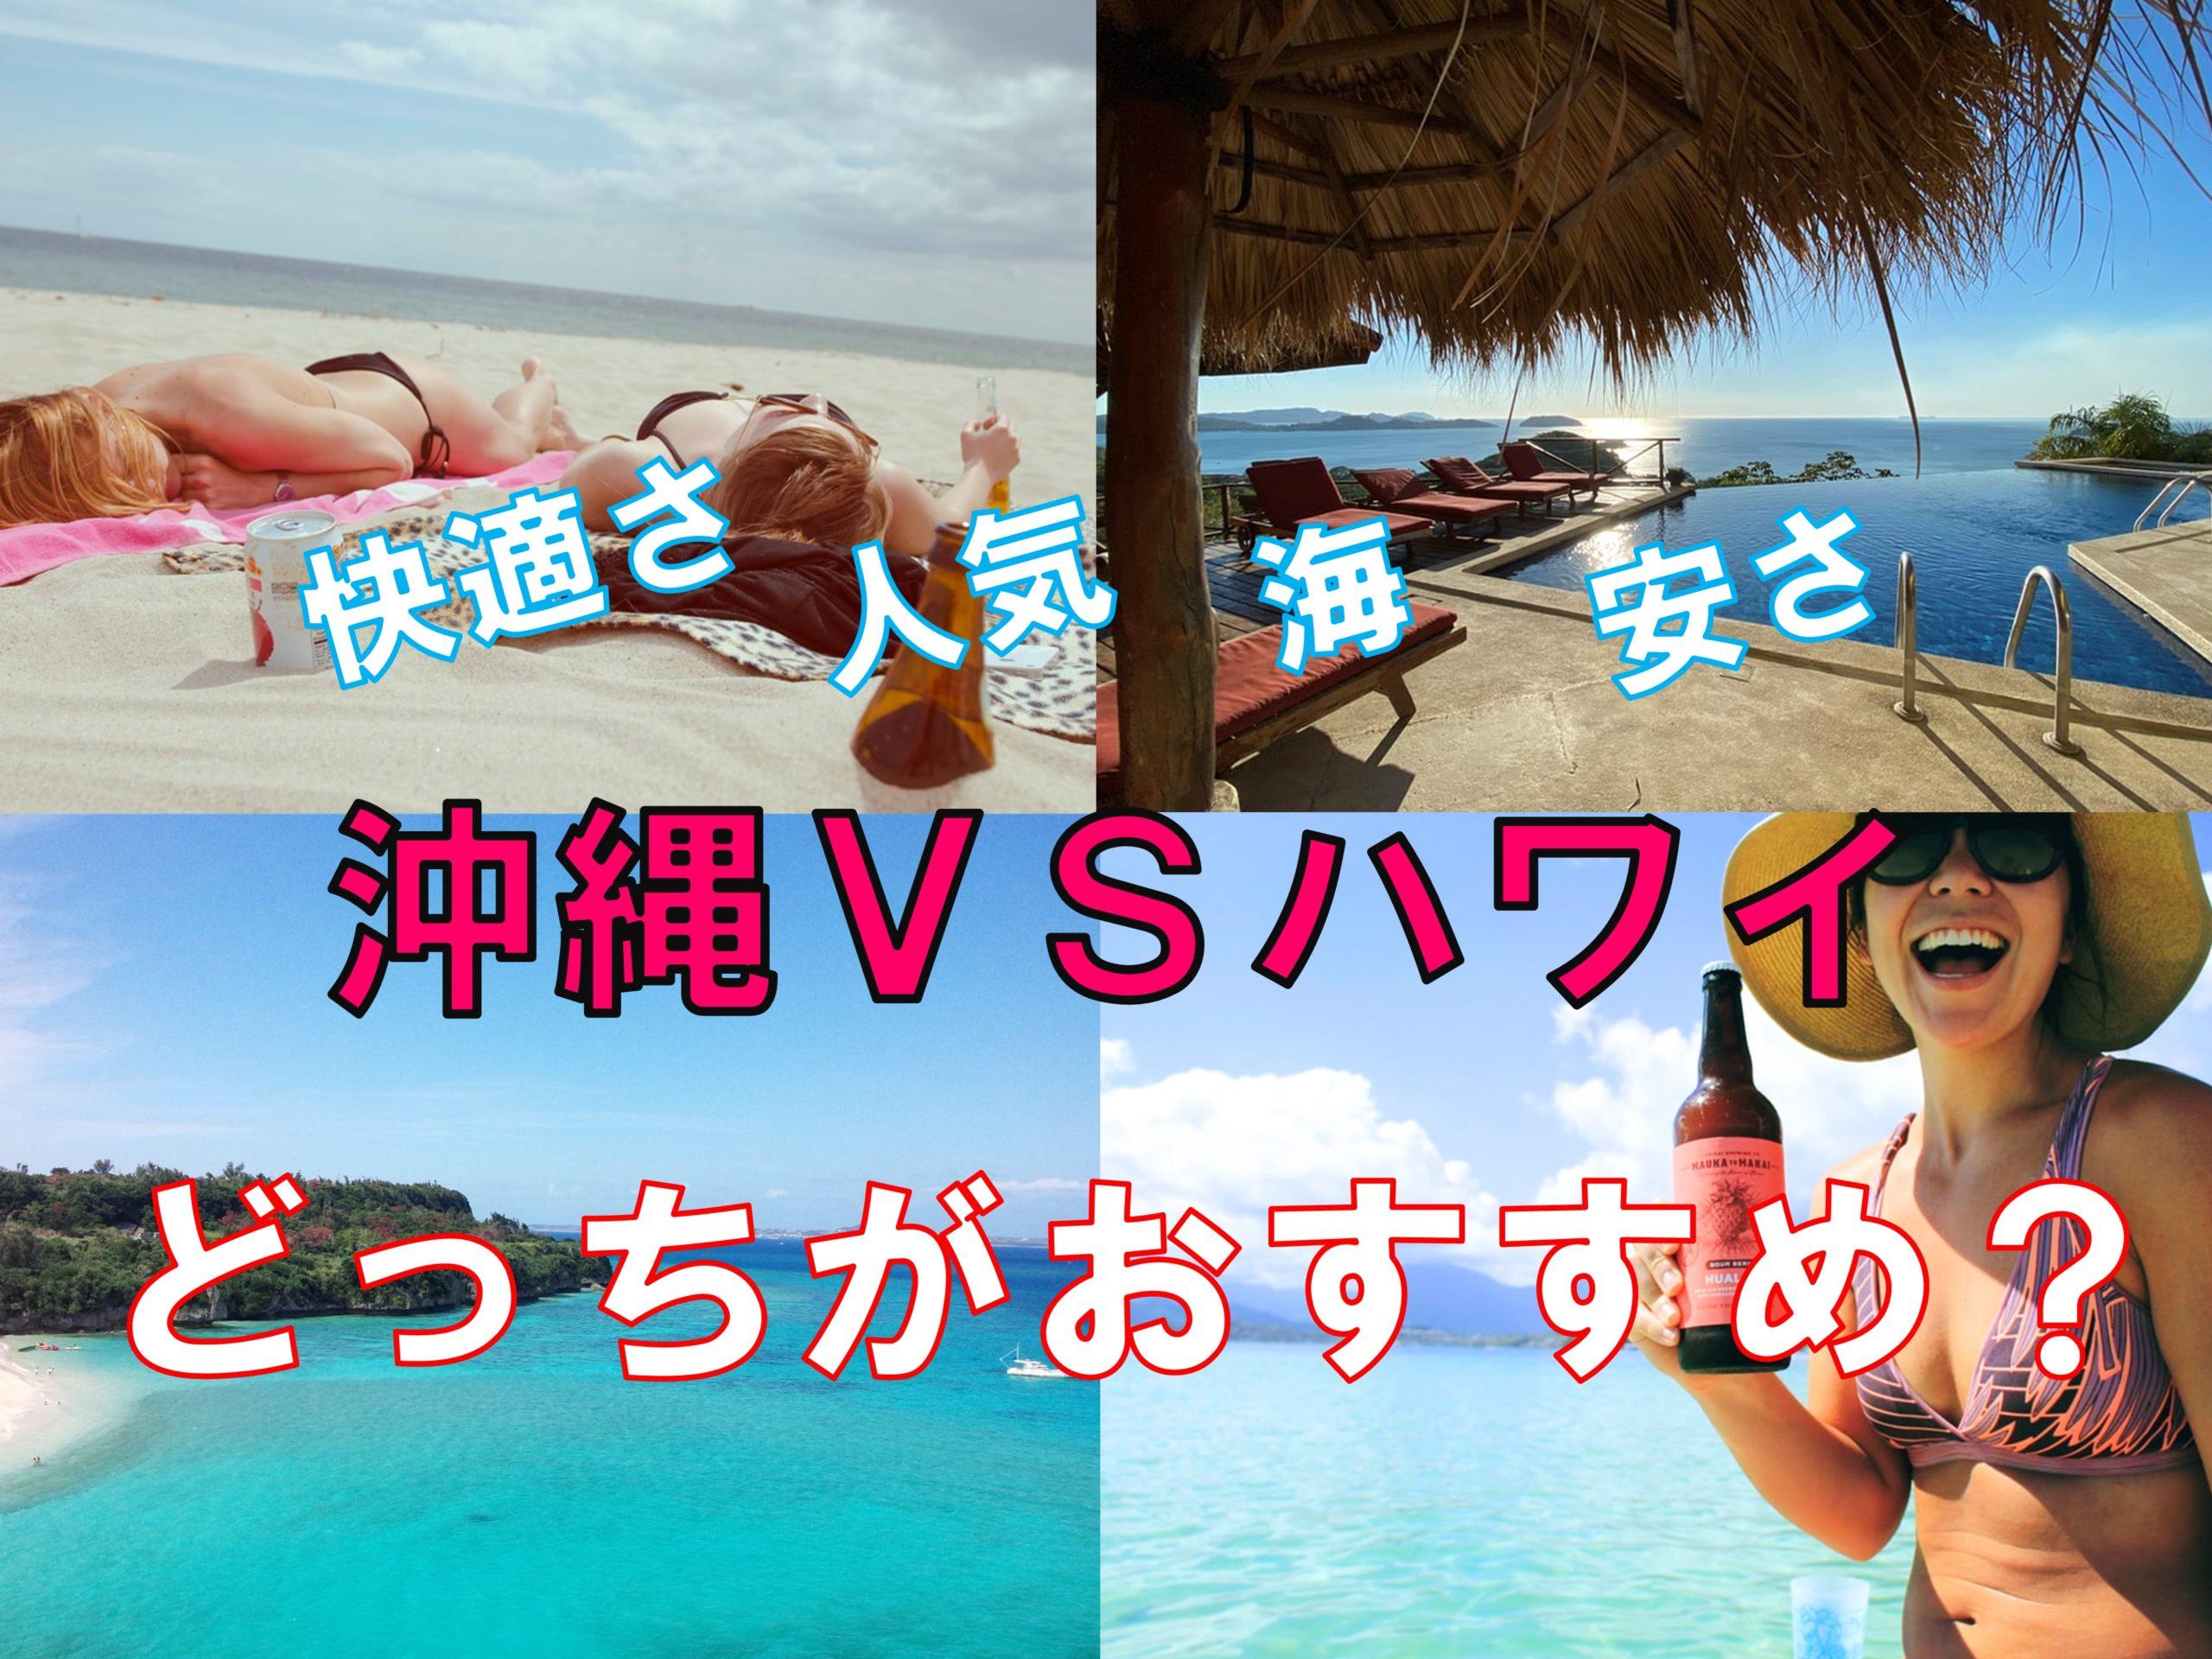 沖縄とハワイどっちがおすすめ?